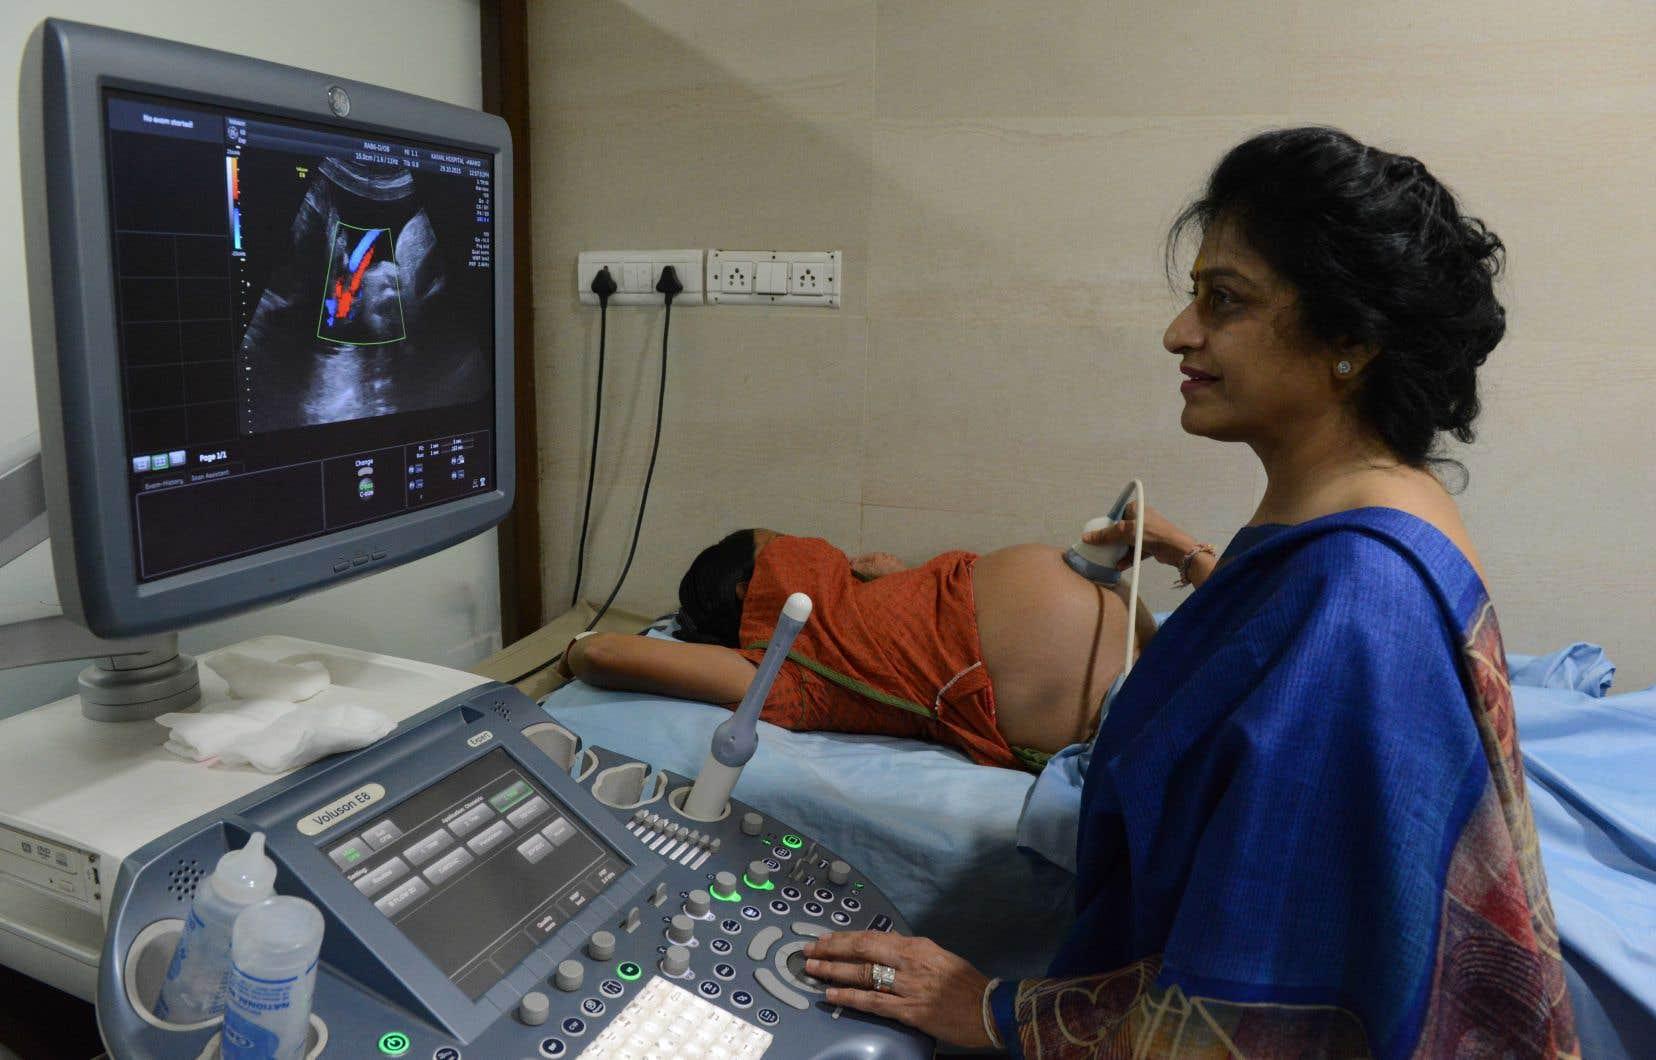 L'exploitation de mères porteuses à des fins commerciales a cours dans de nombreux pays, notamment en Inde, souligne l'auteure.